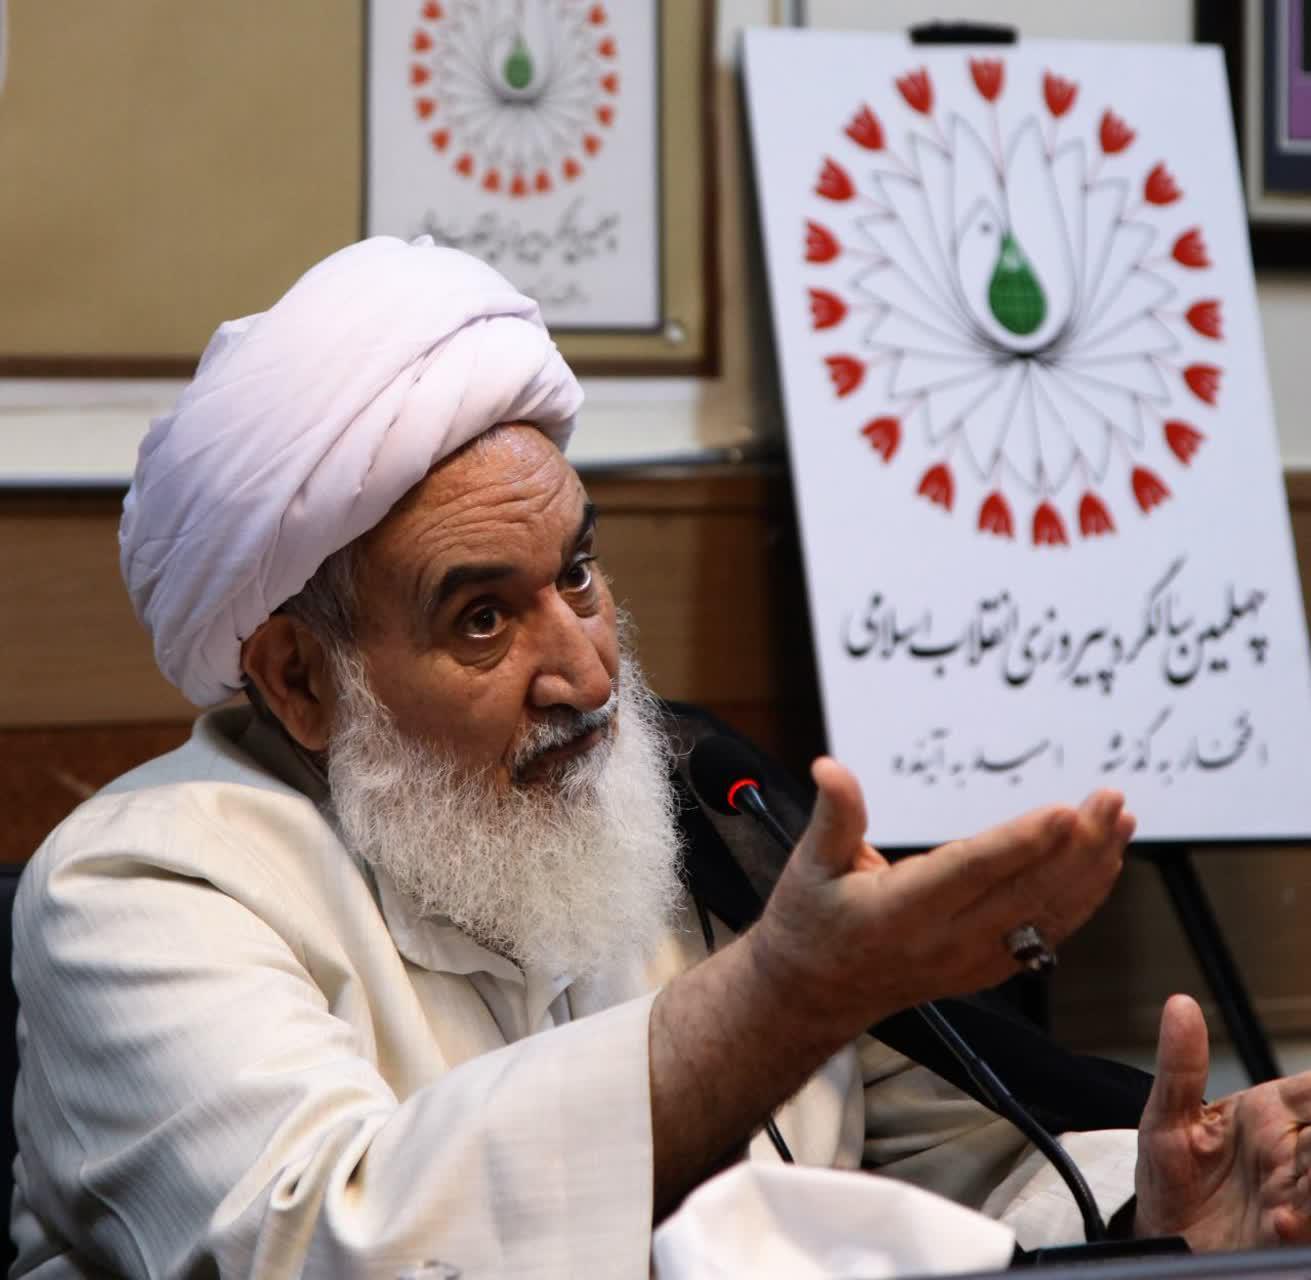 ارزش های انقلاب اسلامی دلیل اصلی ماندگاری آن است